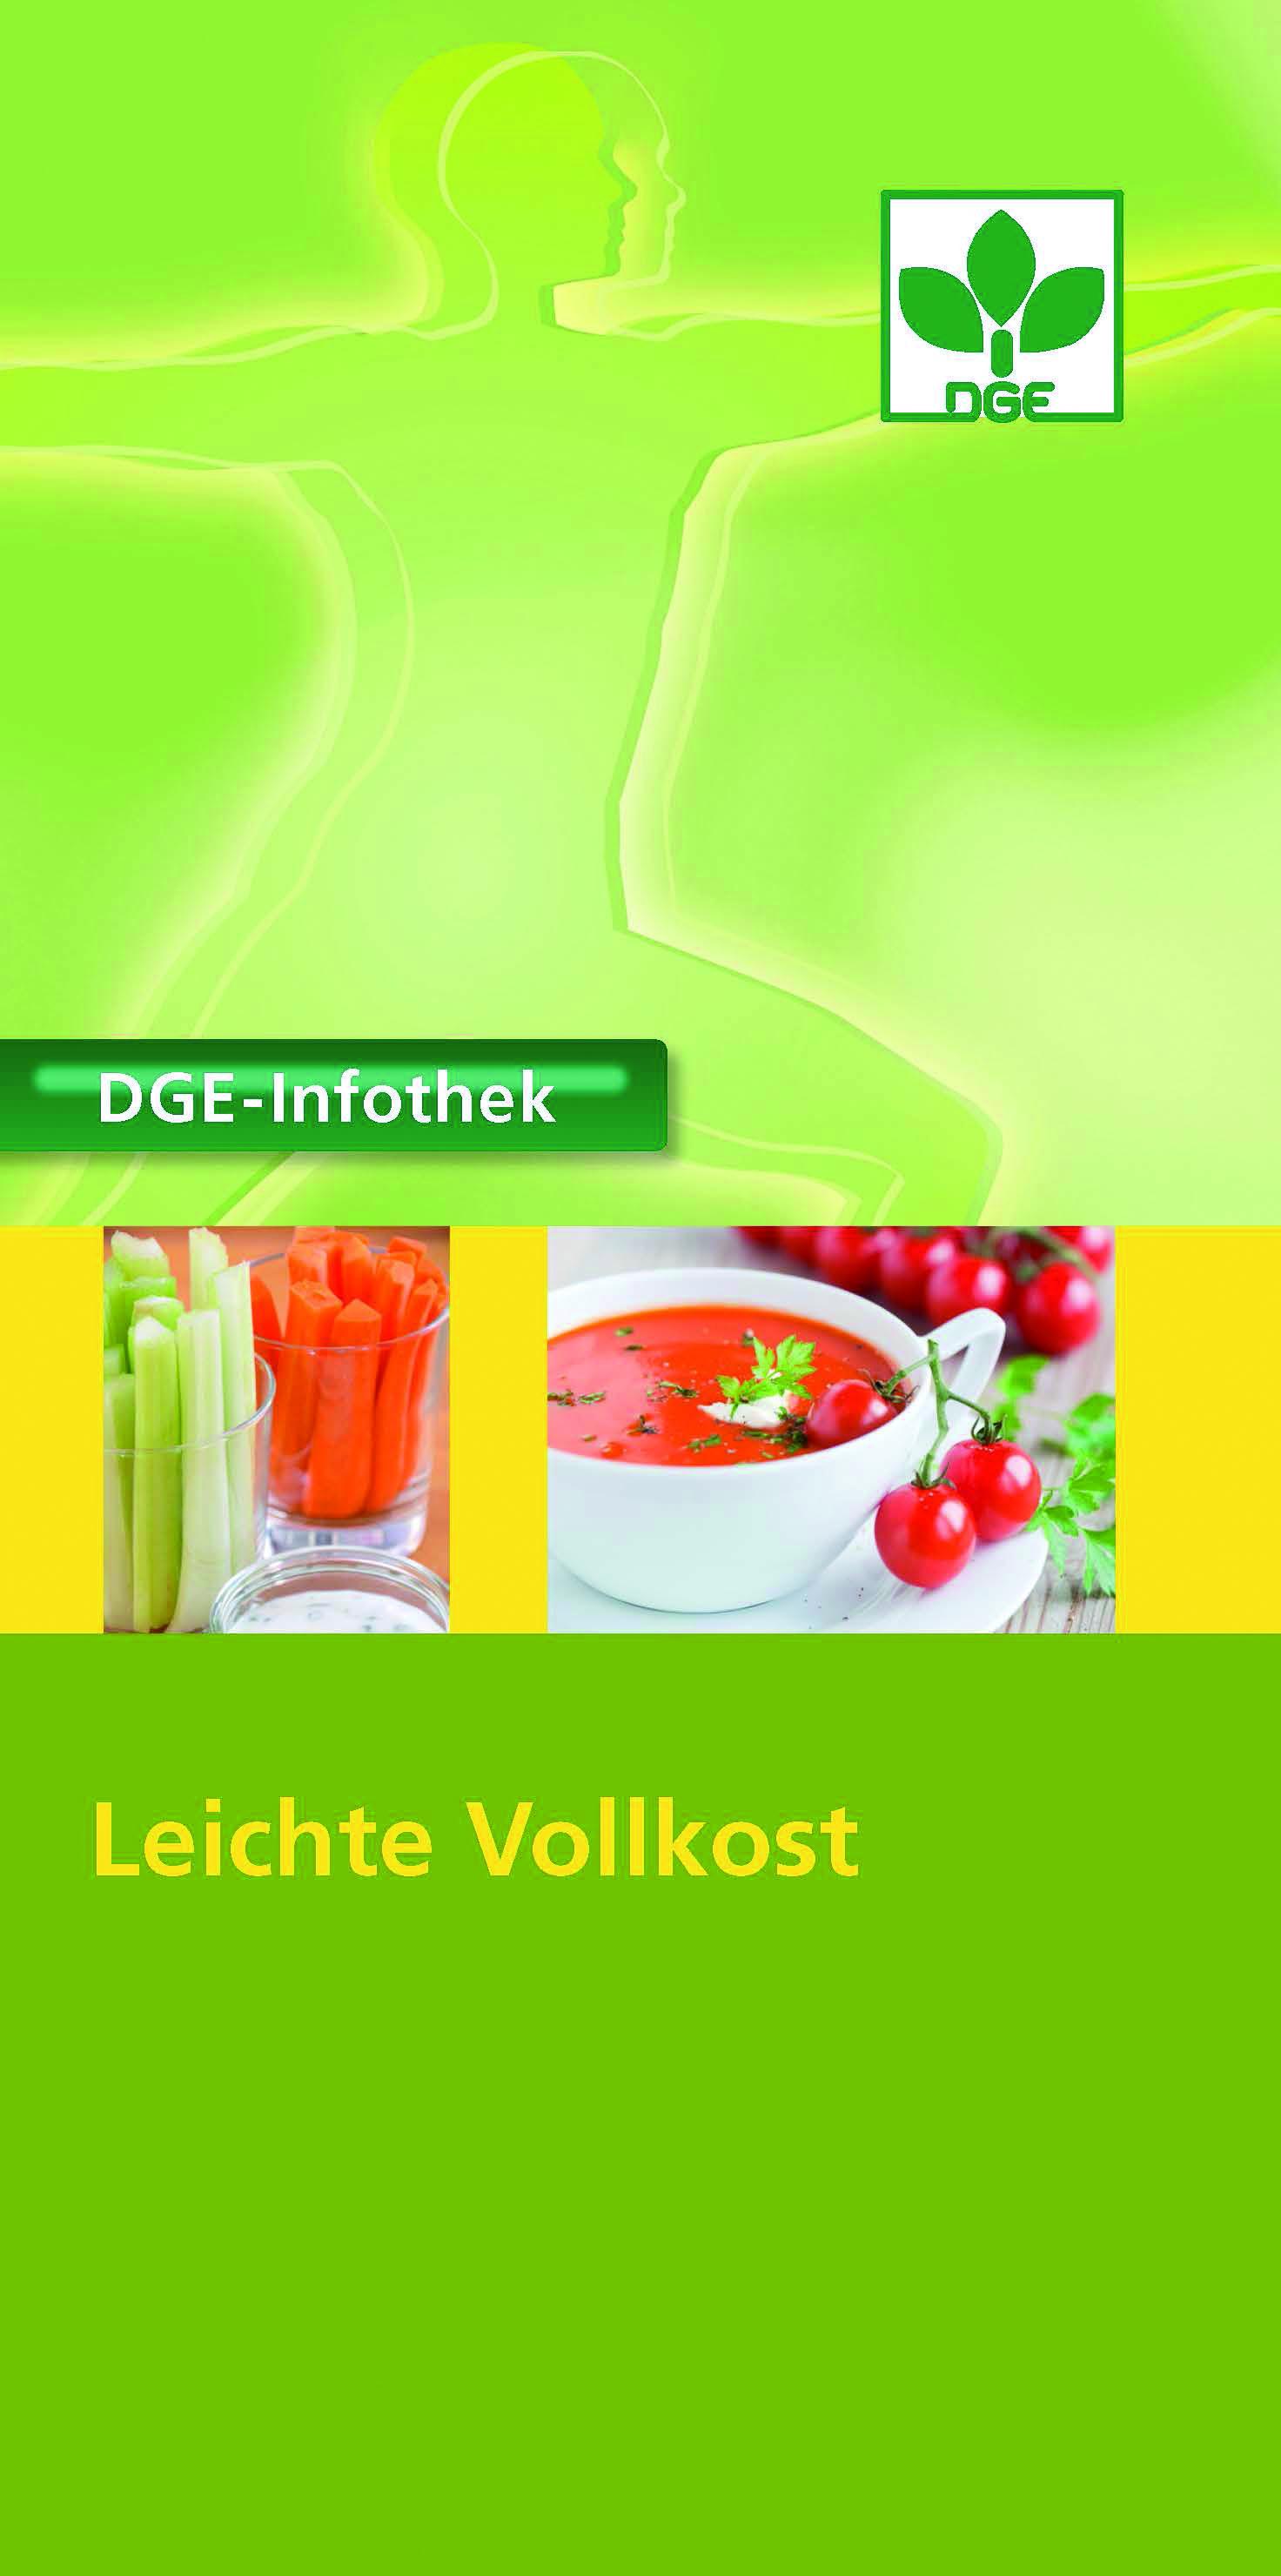 """Aktuelle DGE-Infothek """"Leichte Vollkost"""" erschienen"""